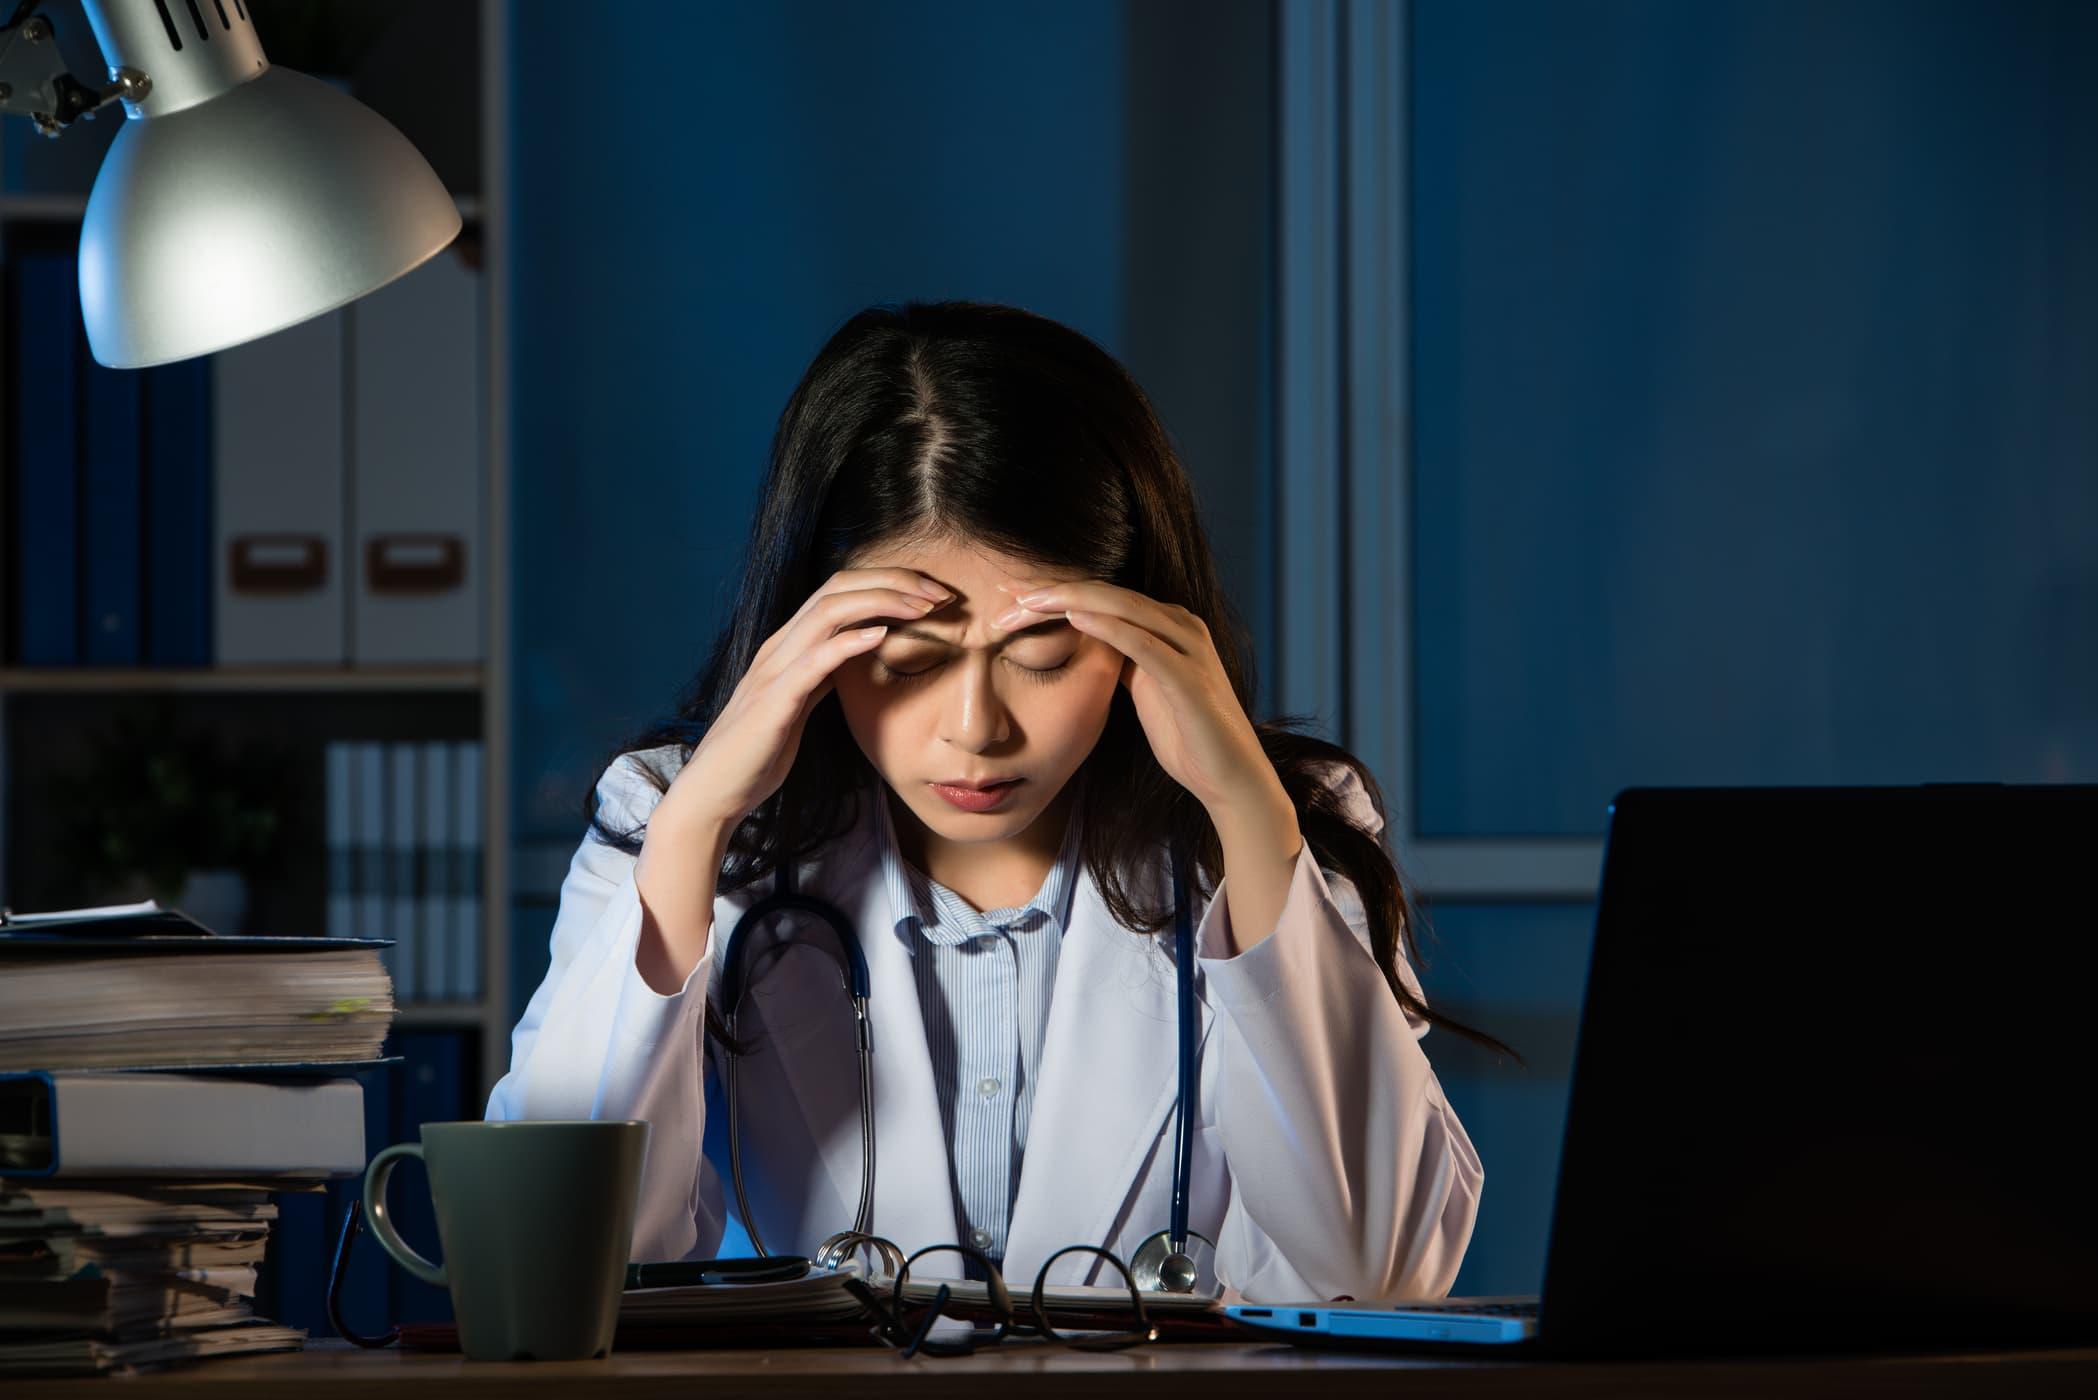 Thức khuya ảnh hưởng xấu tới sức khỏe như thế nào?